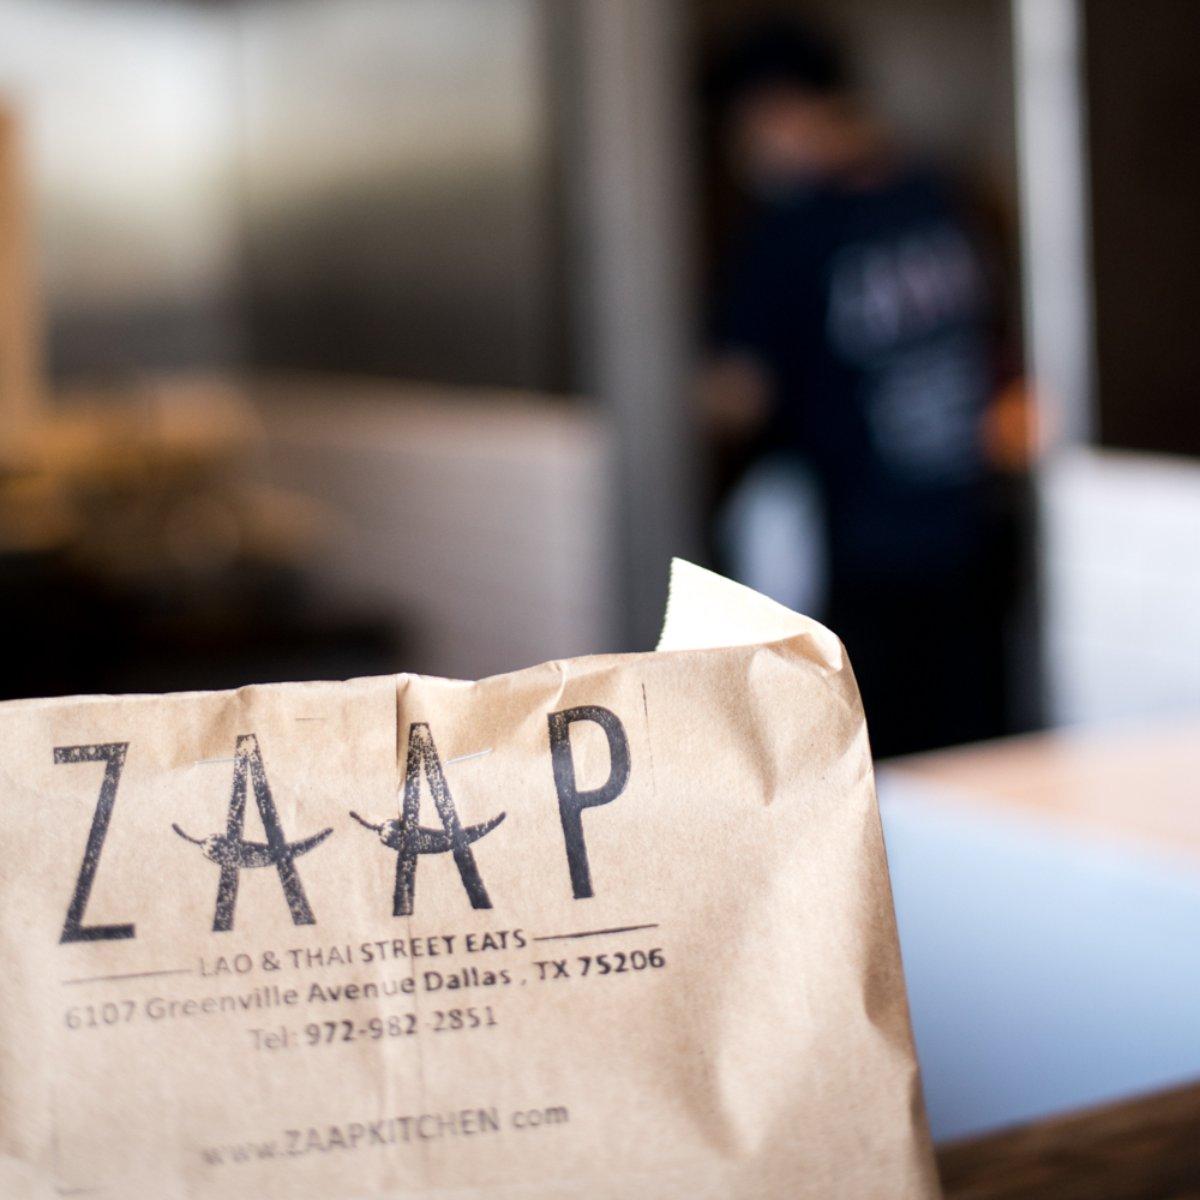 Zaap Kitchen Lao Thai Street Eats Zaapkitchen Twitter